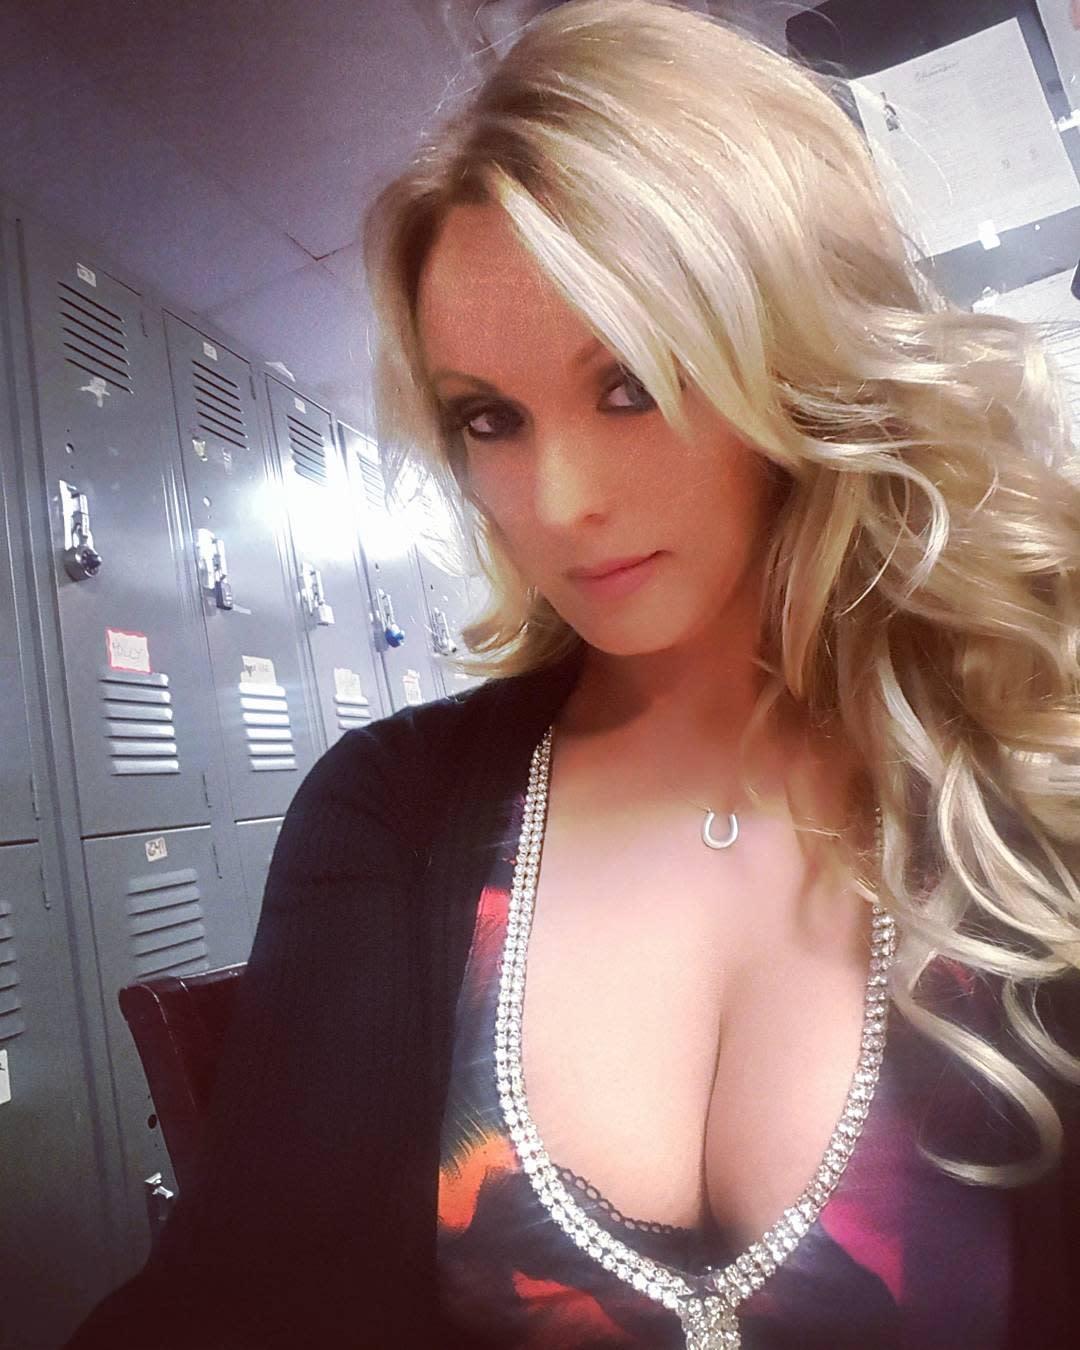 Alquilar Actriz Porno ella es stormy daniels, la actriz xxx que tiene mal parado